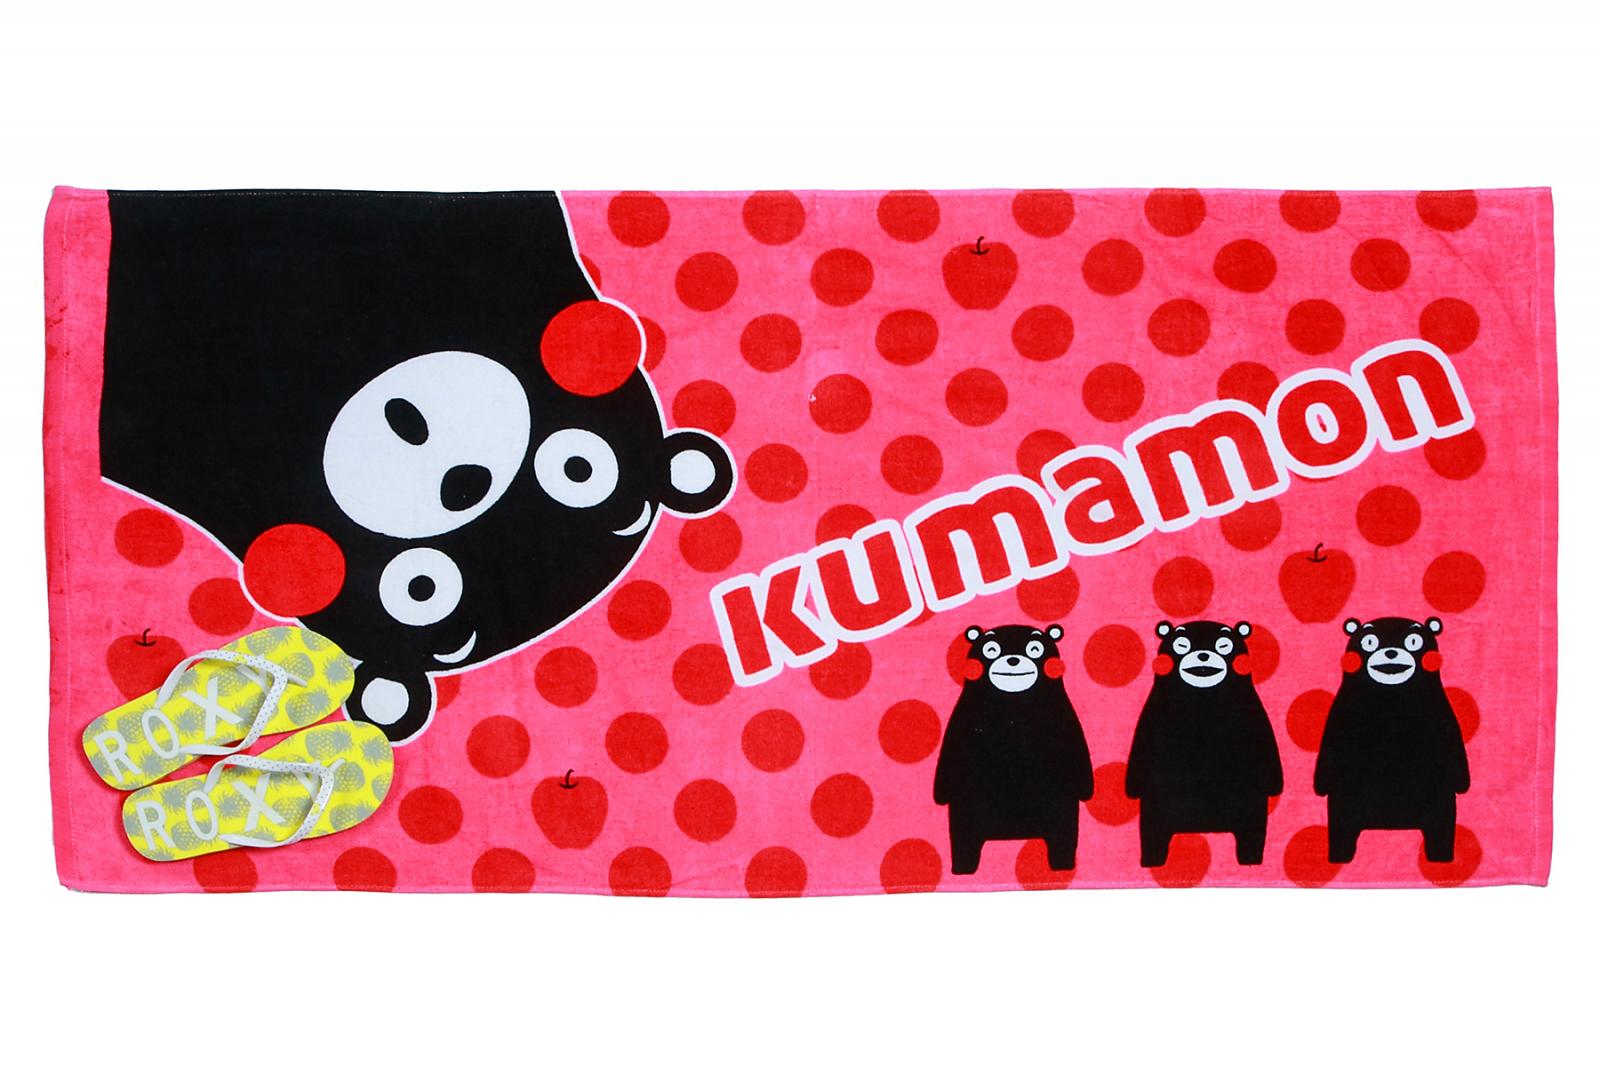 Розовое полотенце Кумамон для пляжного отдыха по низкой цене